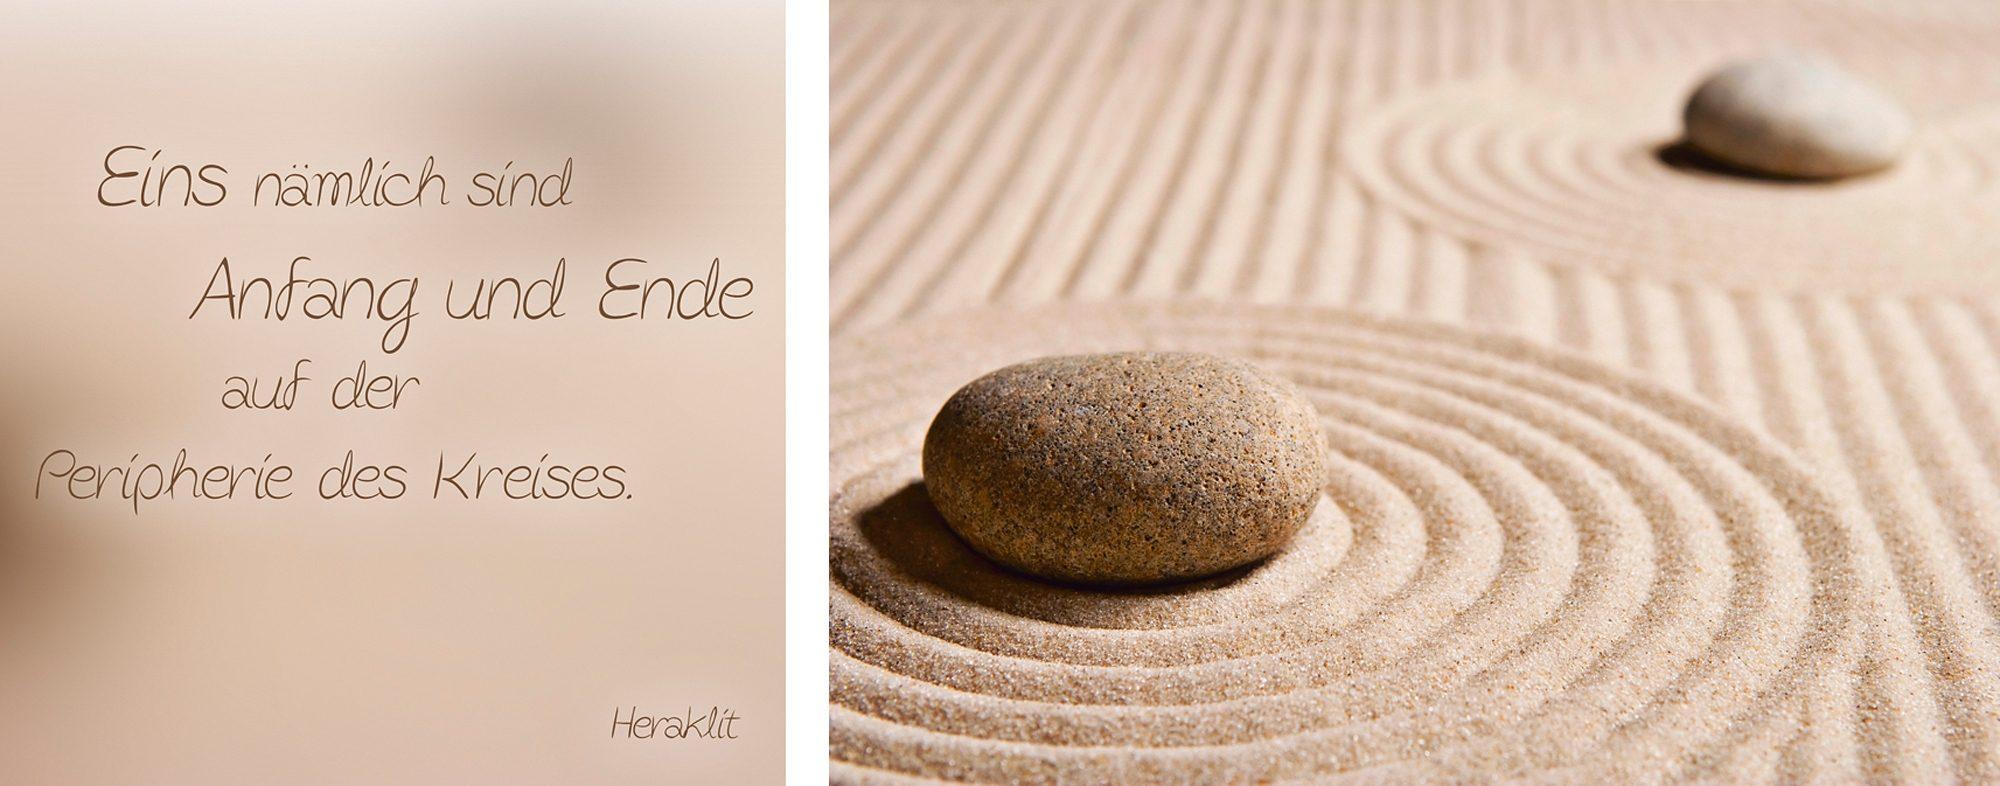 Home affaire, Leinwandbild, »Spruch + Bild: Mini Zen Garten«, 40/40 + 60/40 cm